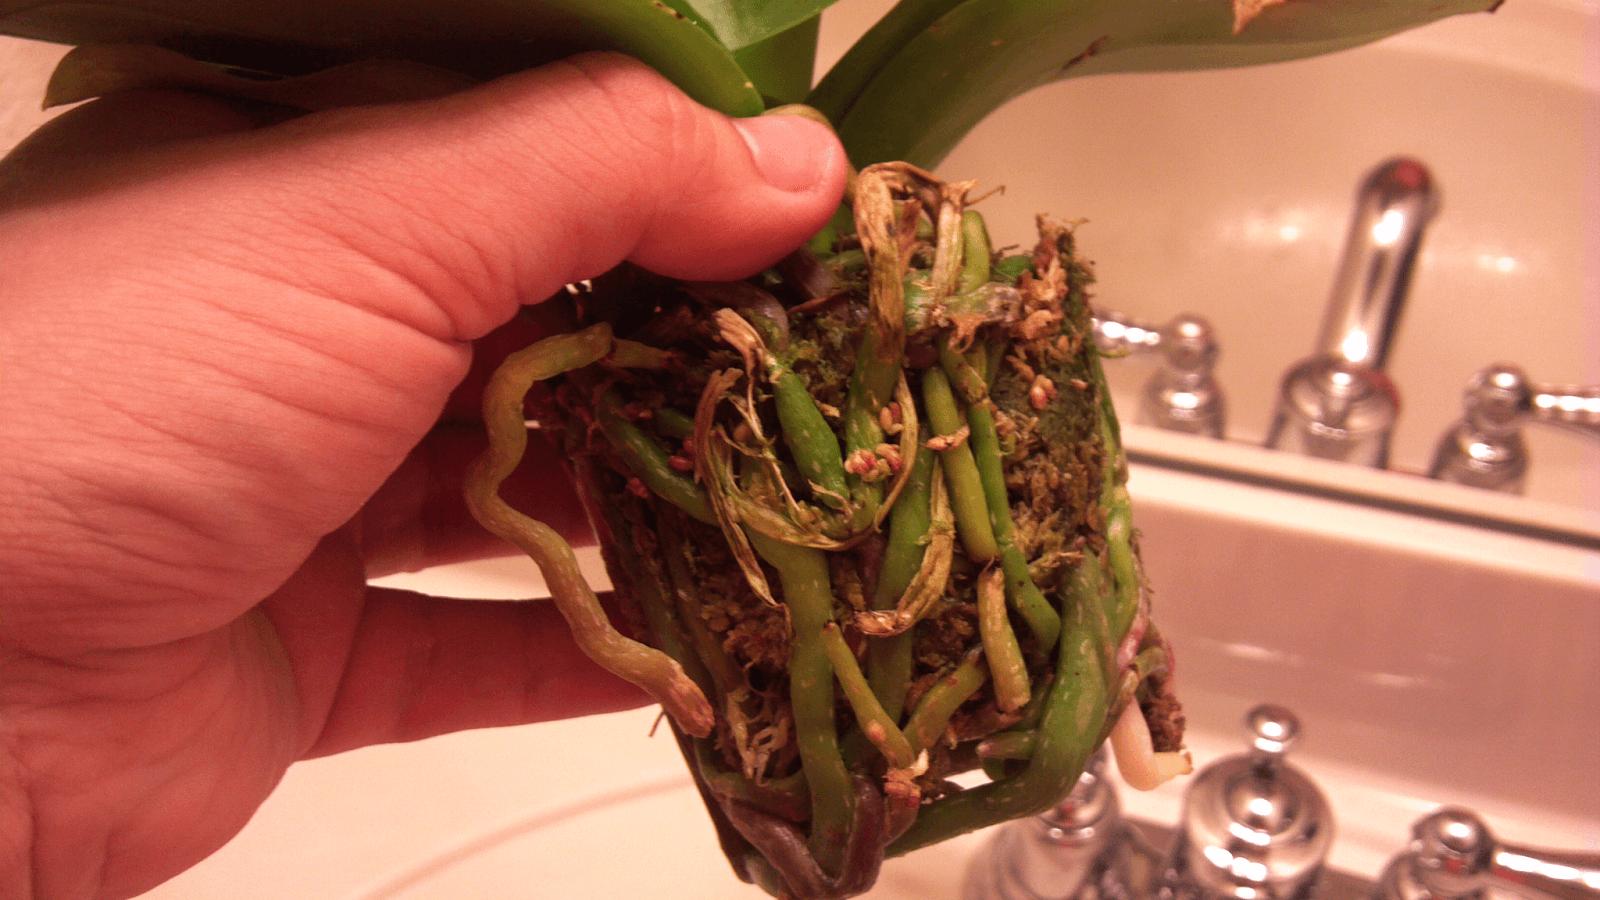 всех пересадка орхидеи пошаговое фото фолловеры поддержали